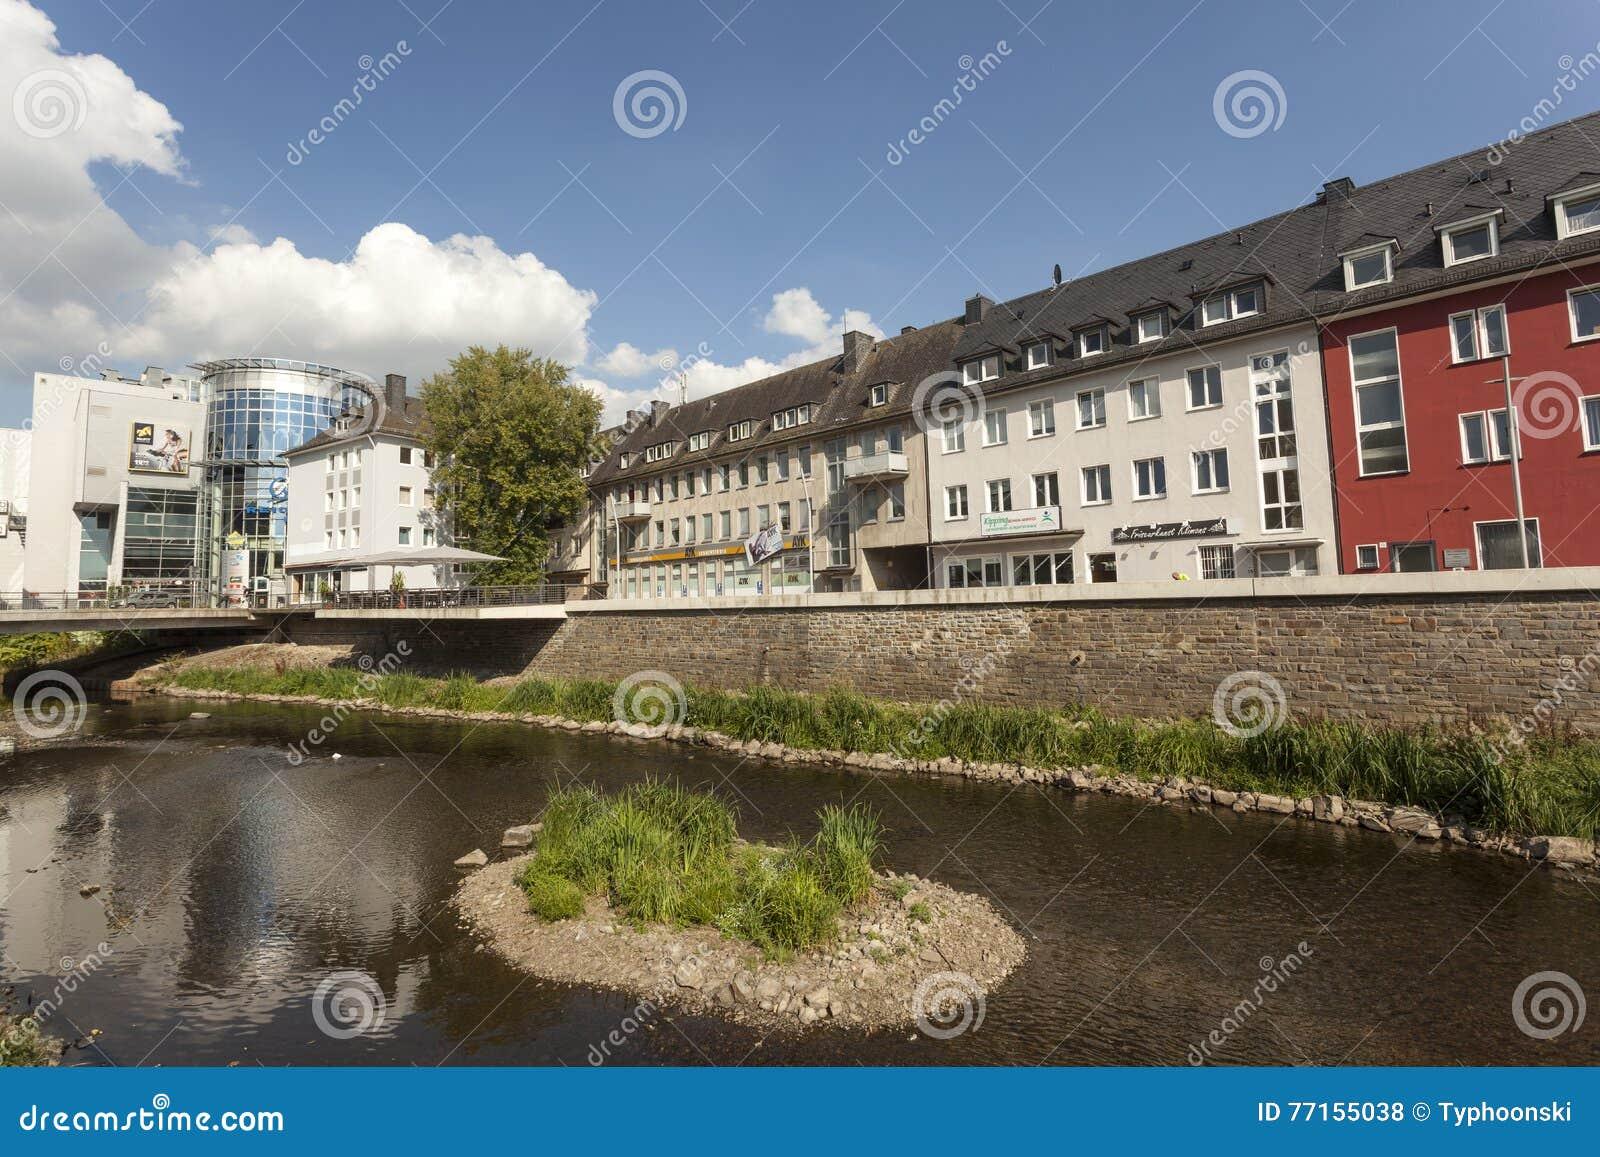 Rivière Sieg dans la ville de Siegen, Allemagne